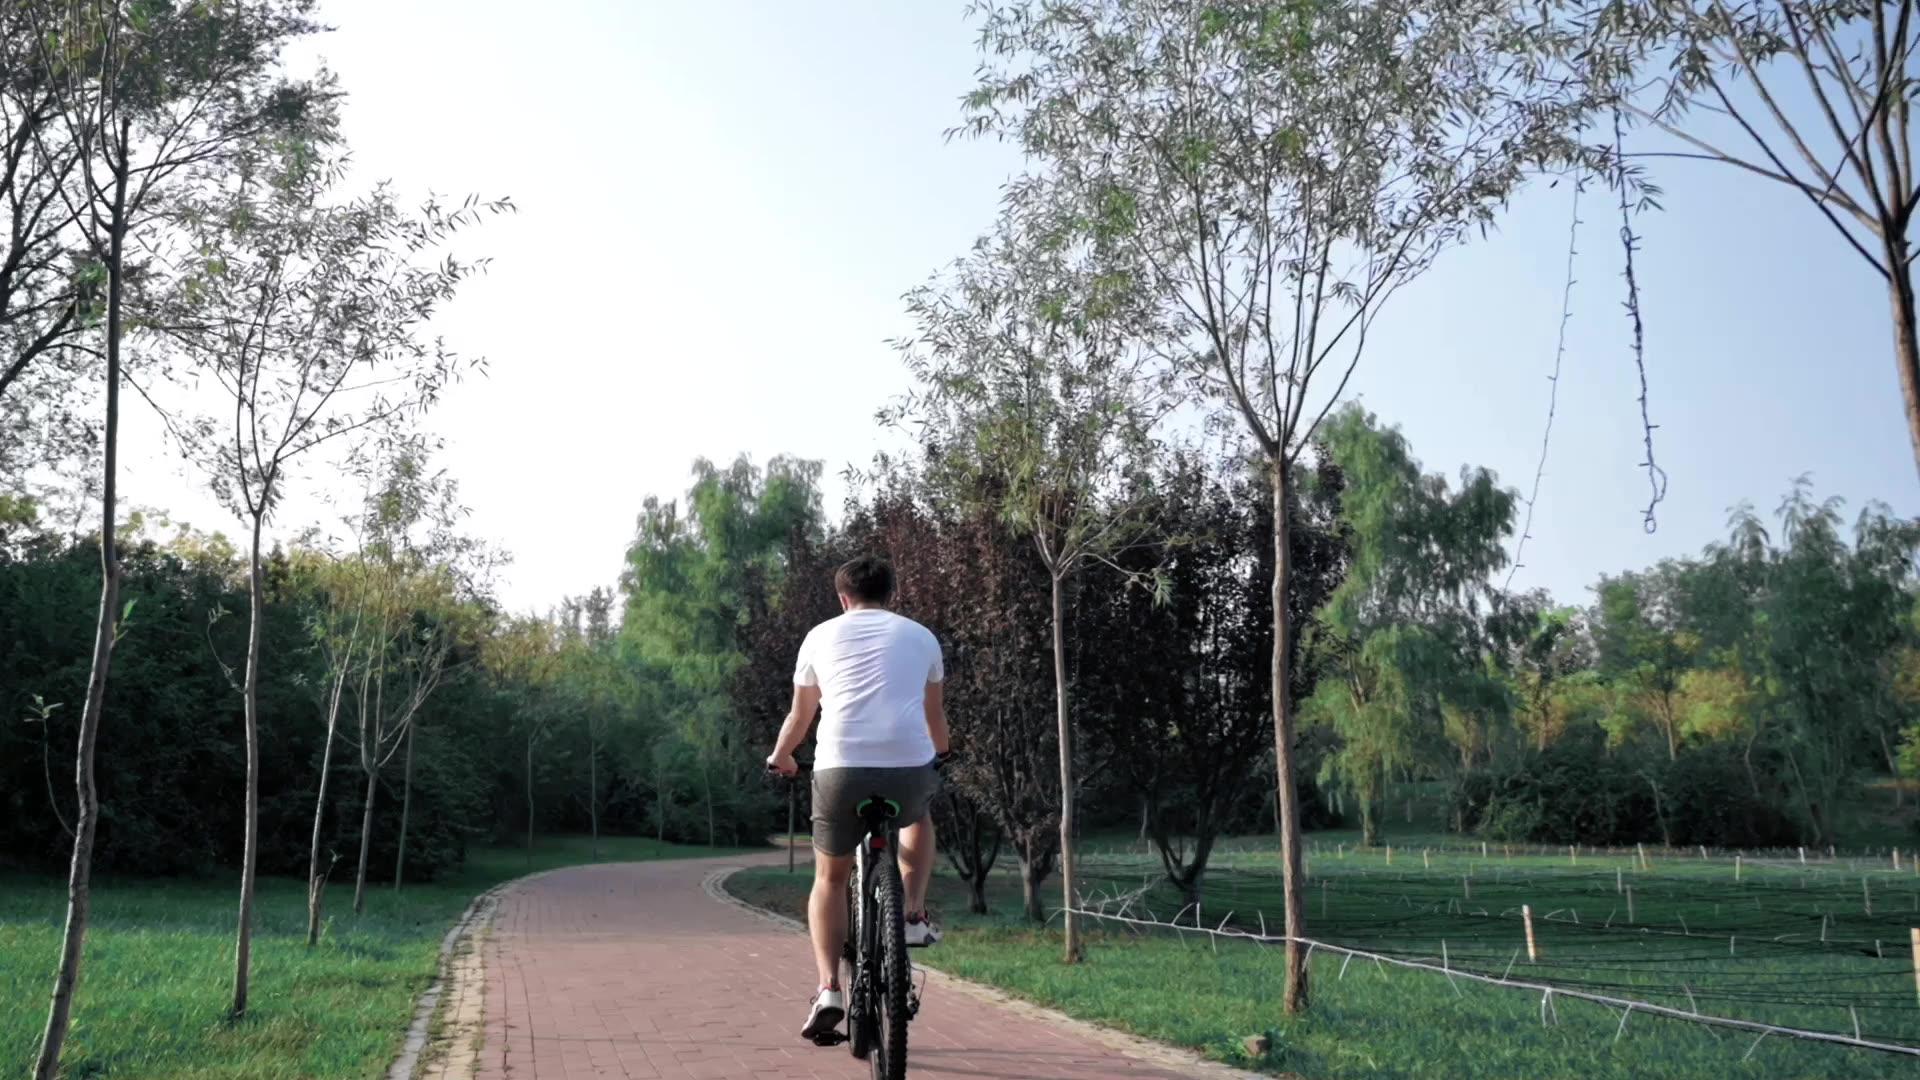 Cina nuova bicicletta di Montagna per la vendita/26 pollici full suspension Mountain bike per gli uomini/Commercio All'ingrosso di vendita calda a buon mercato MTB ciclo